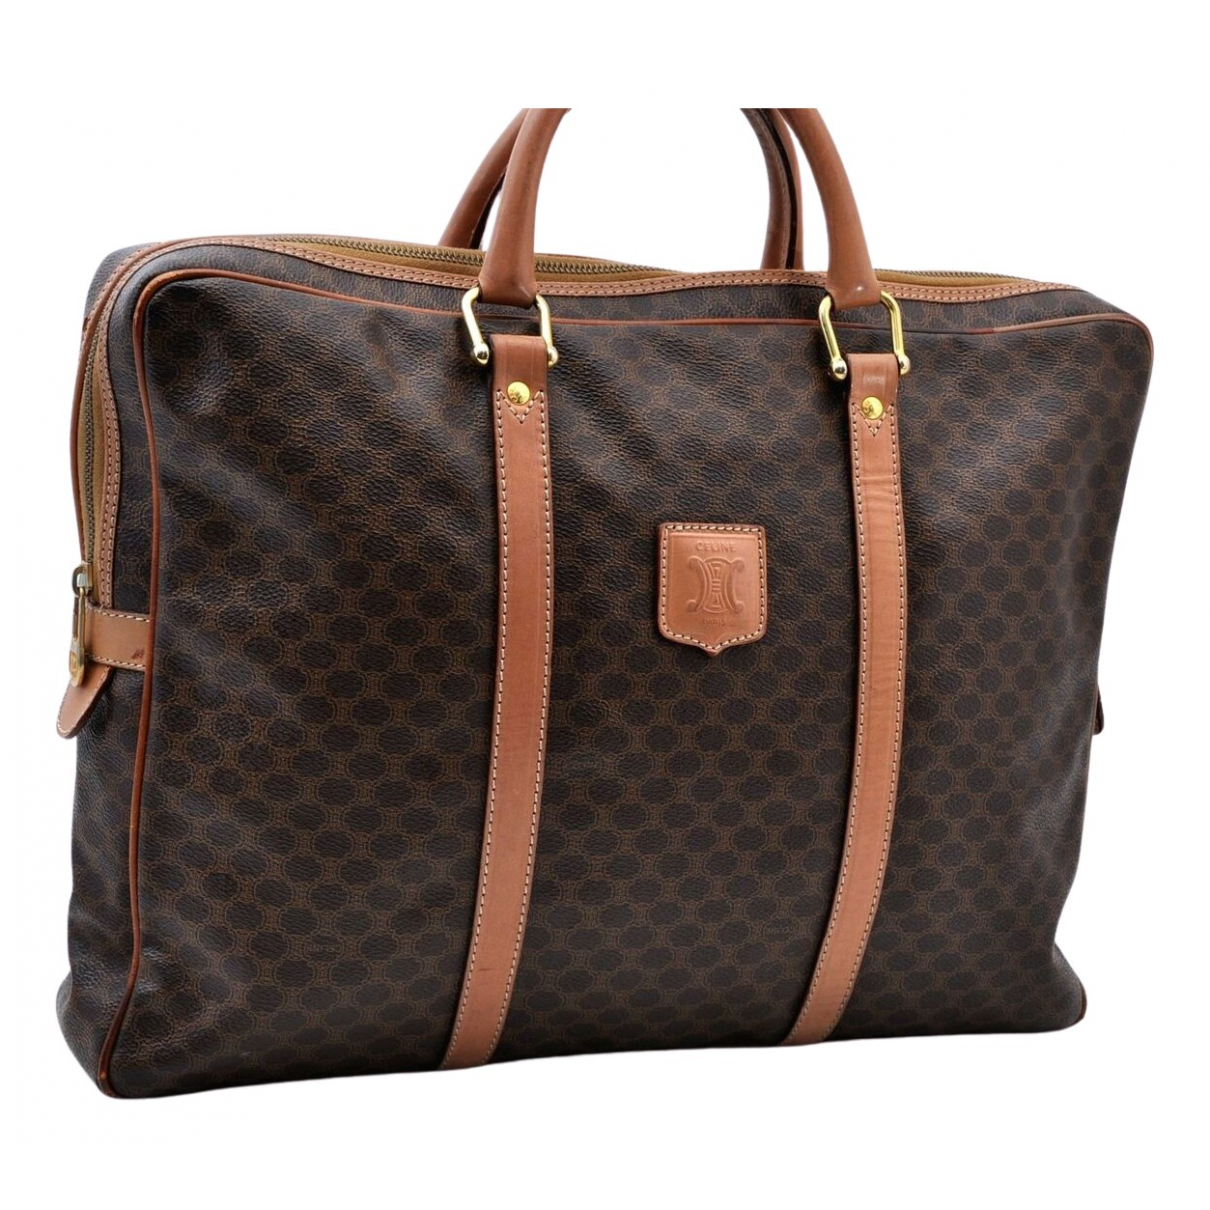 Celine \N Brown handbag for Women \N